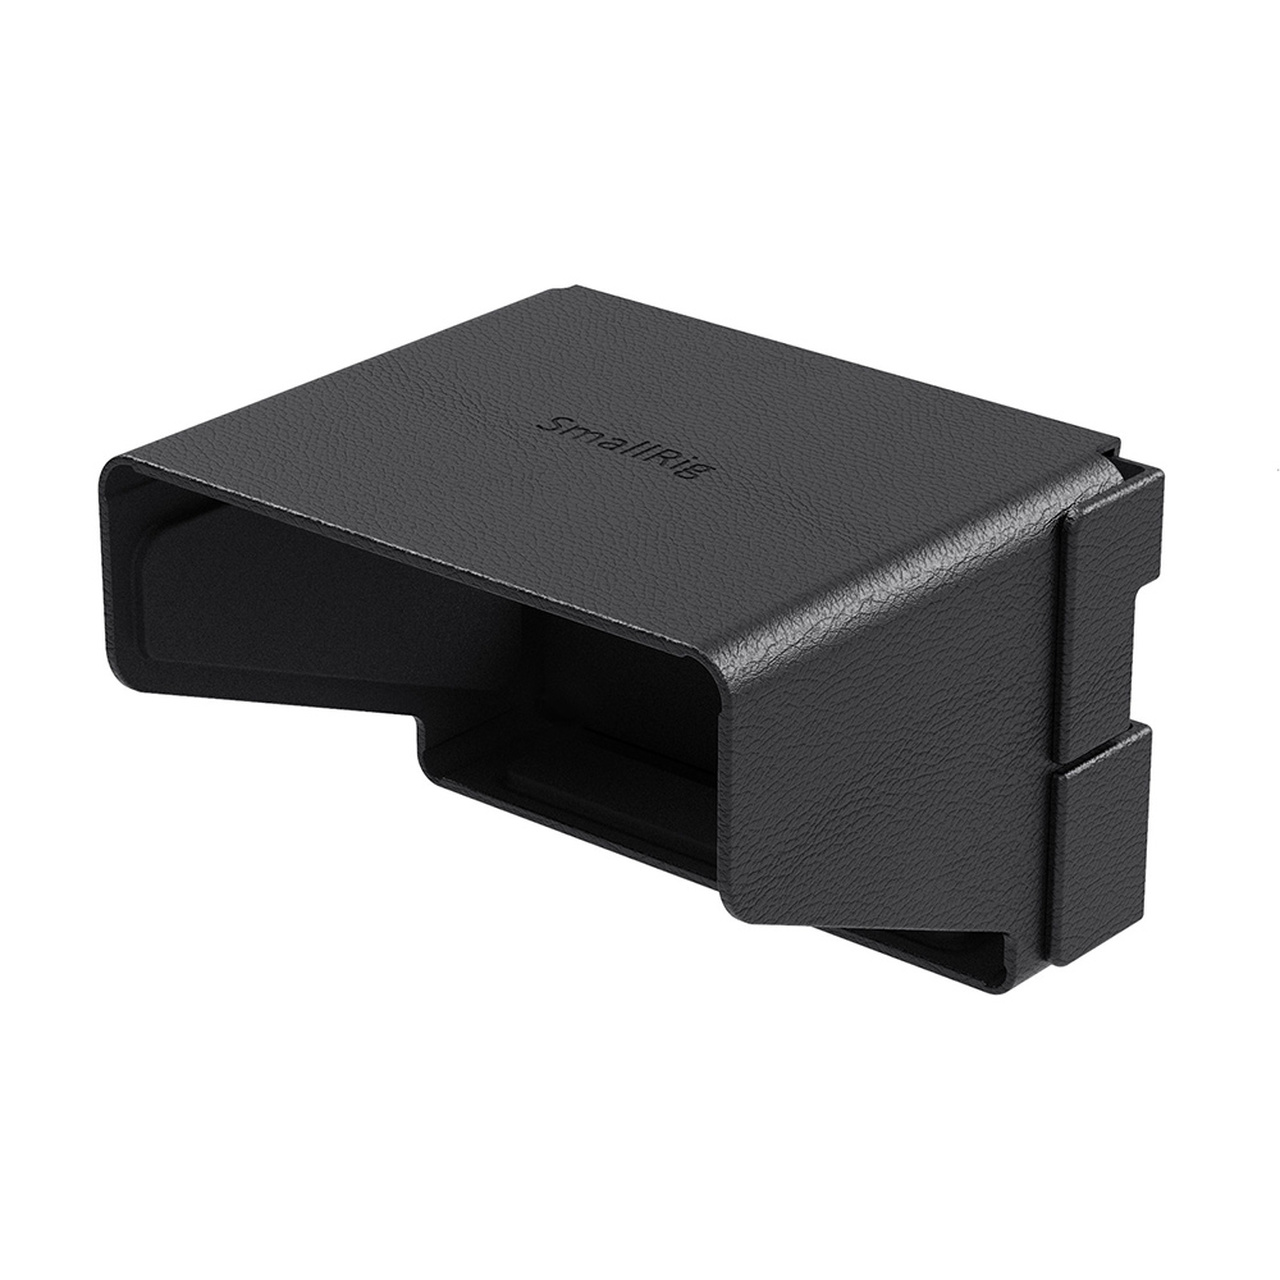 DIYカメラ 自分のカメラは個性的にそして完璧に 月間優良ショップ受賞 日本国内倉庫発送 割引 SmallRig公式 流行のアイテム 送料無料NikonZ5?Z6?Z7?Z6II?Z7II用LCDサンフード2807